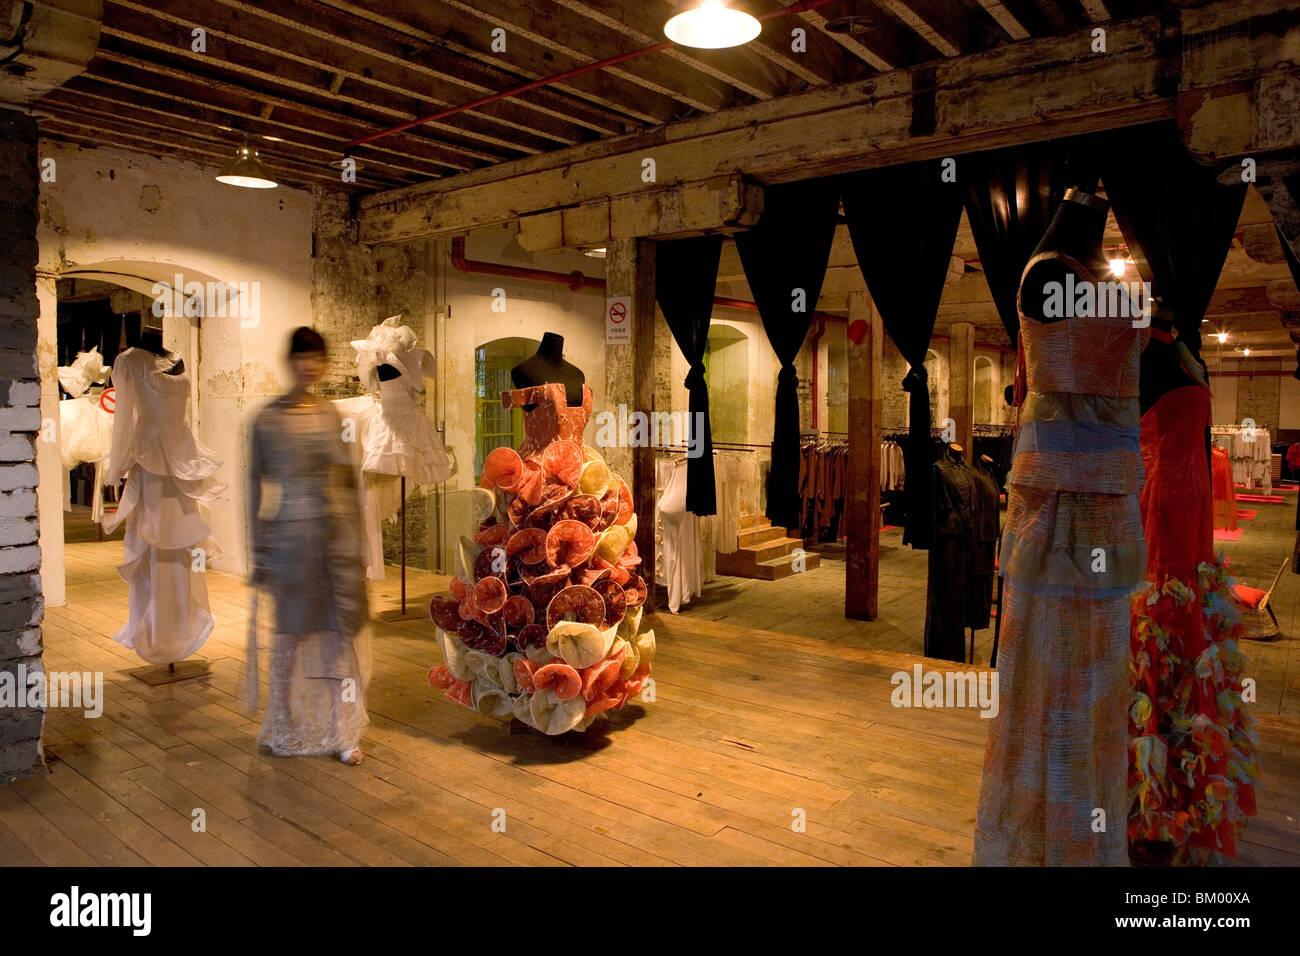 La mode, Biche de Bere, Français de haute couture et de pret a porter designer Biche de Bere, entrepôt Photo Stock